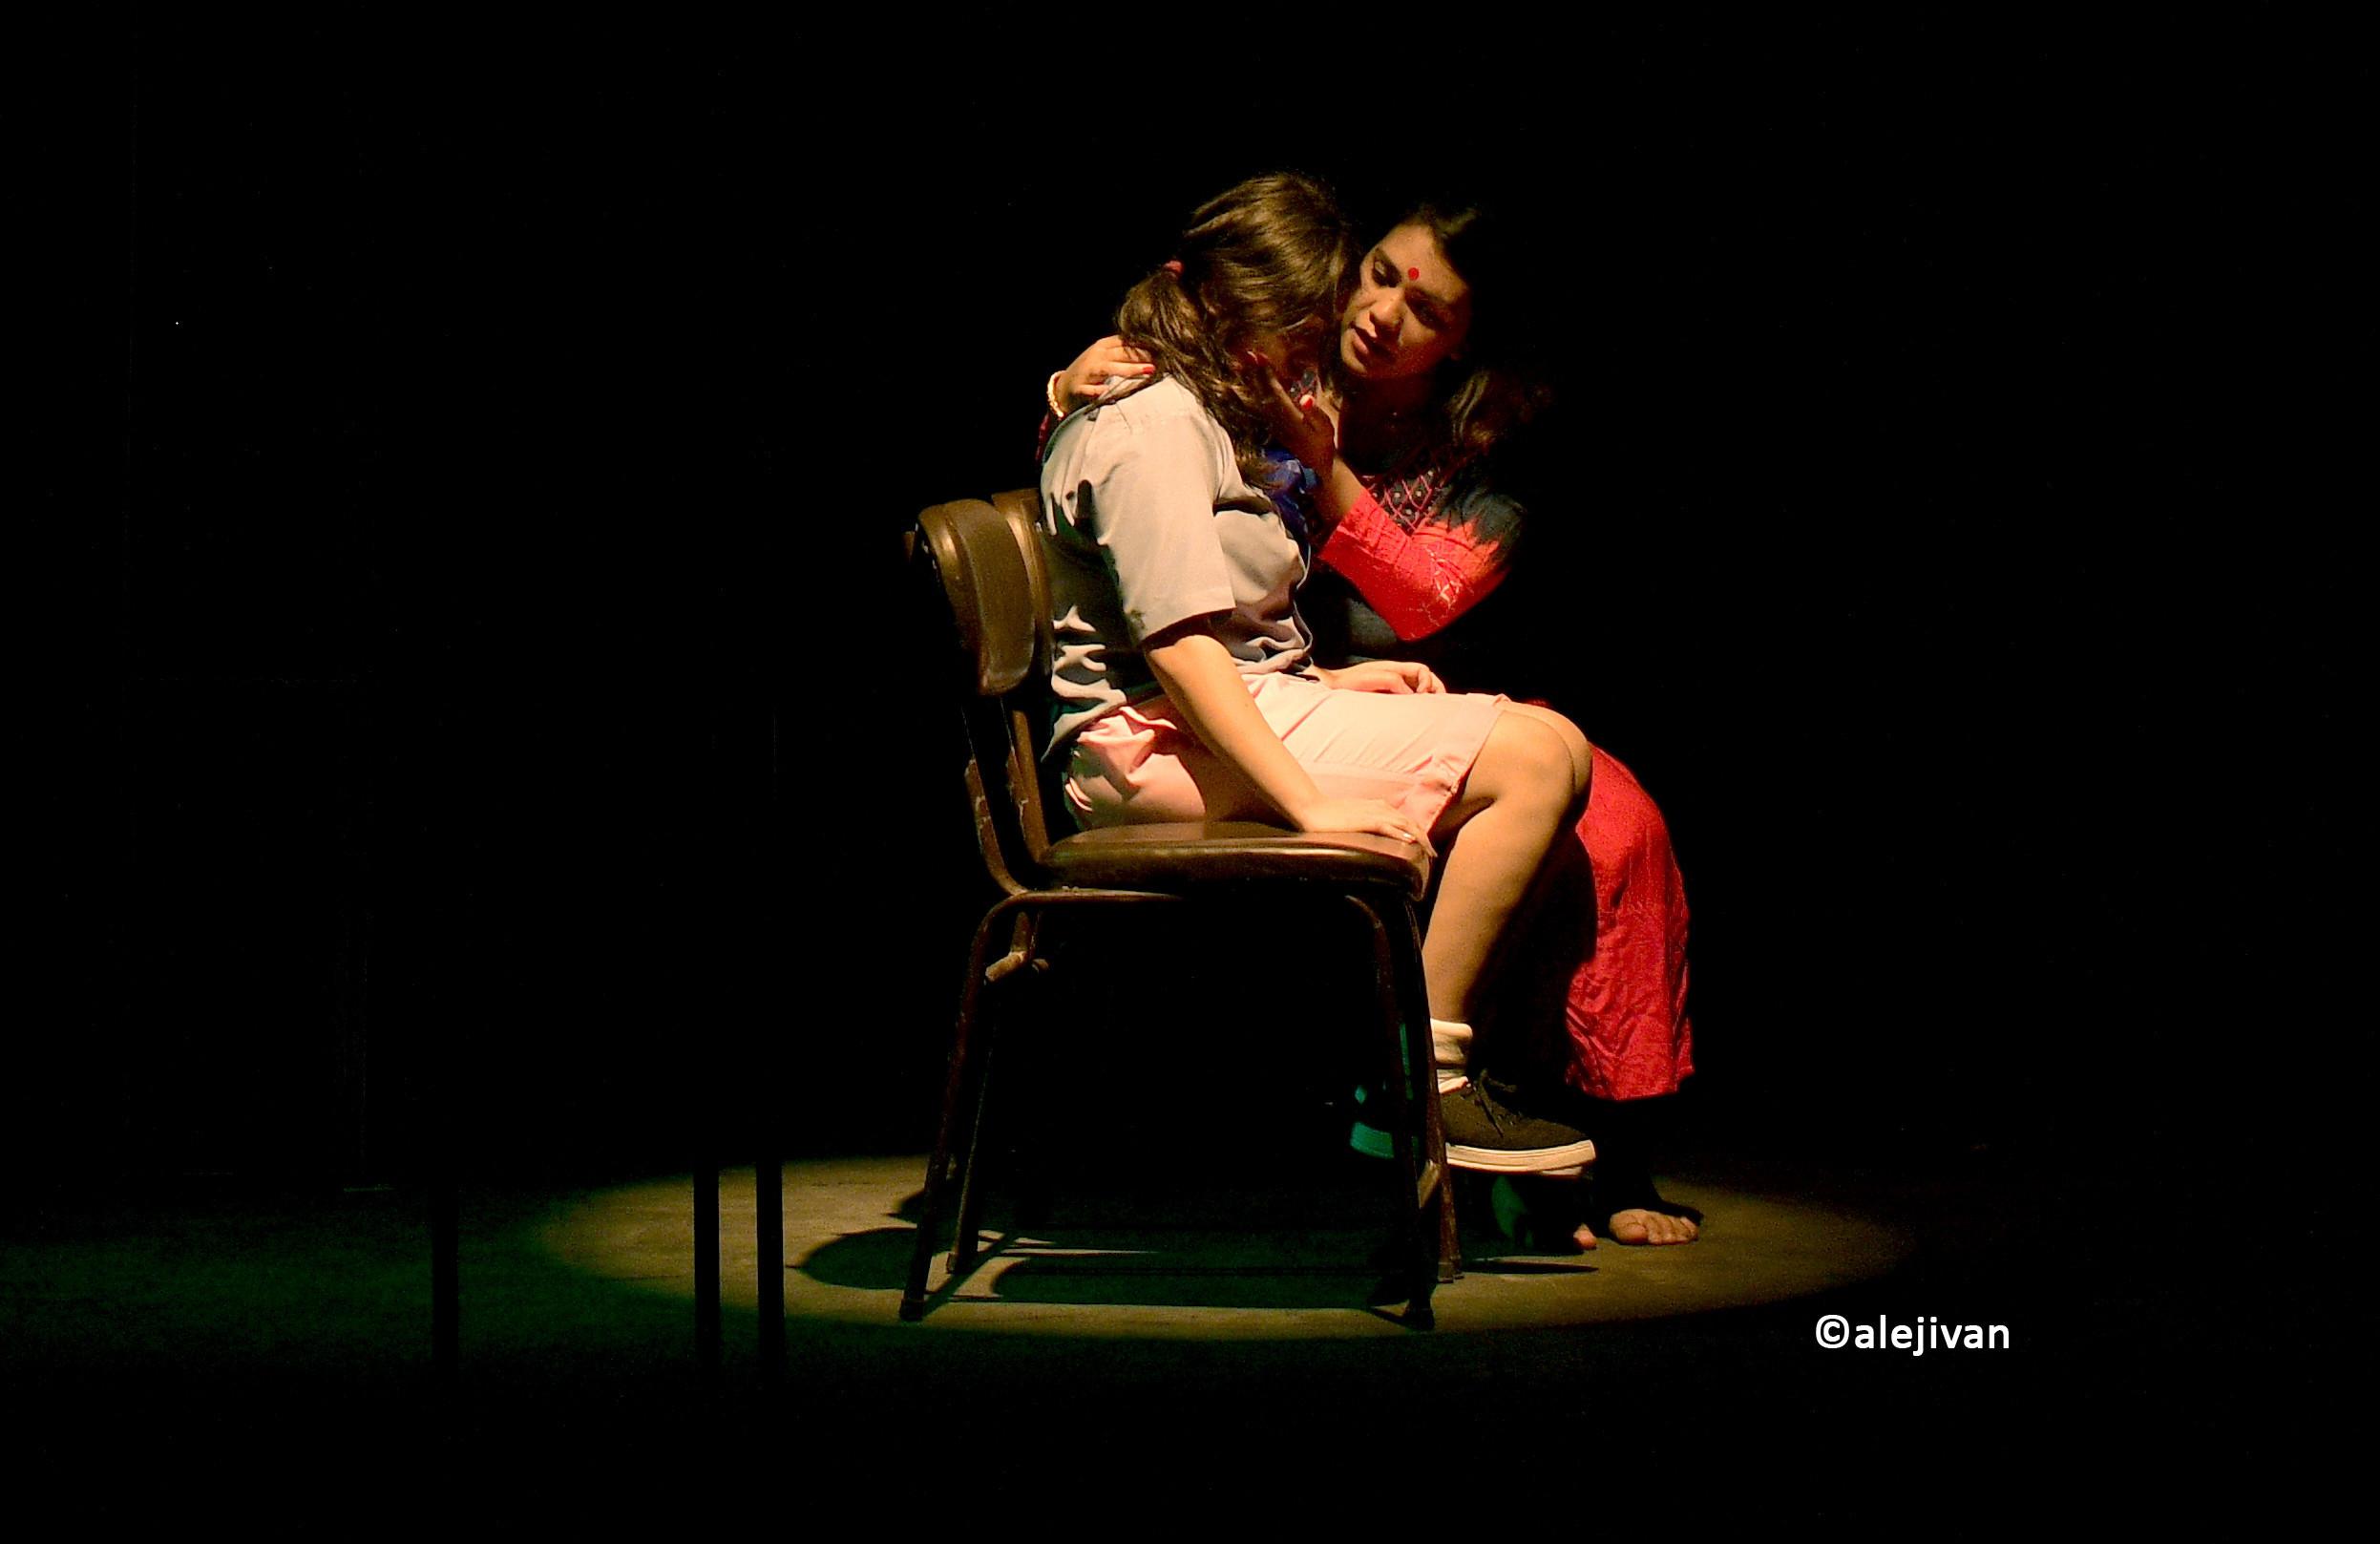 नाटककार घिमिरे युवराज र अमजद प्रवेजद्वारा निर्देशित नाटक 'आँधीको मनोरम नृत्य' को एक दृश्य।